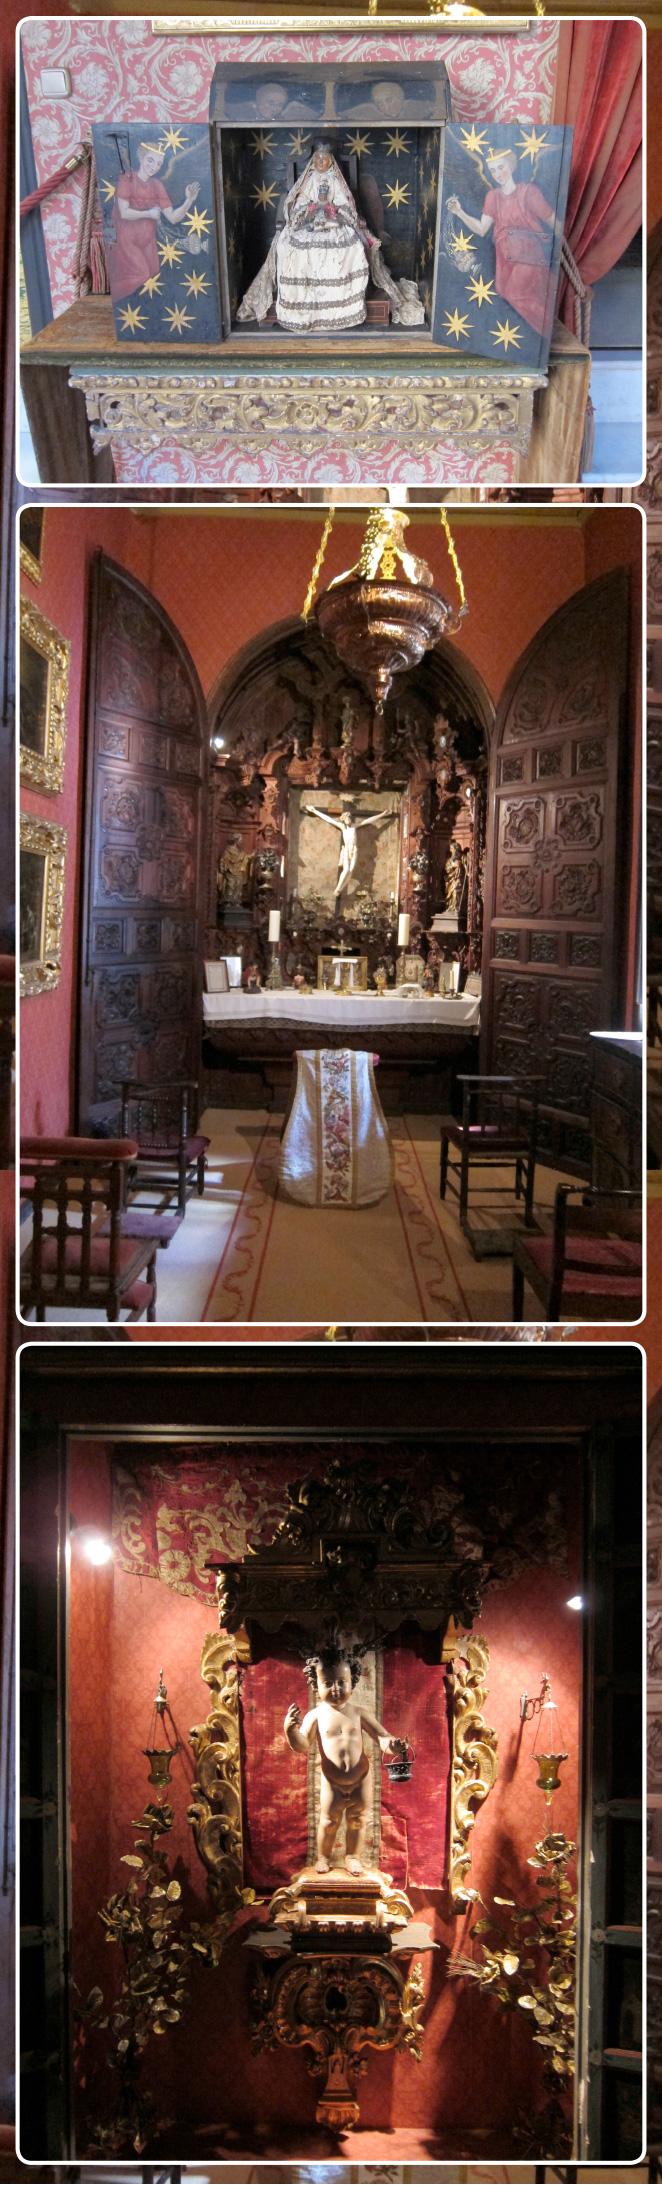 En la capilla se puede ver un retablo de estilo barroco hecho de caoba, y un Cristo filipino del siglo XVIII